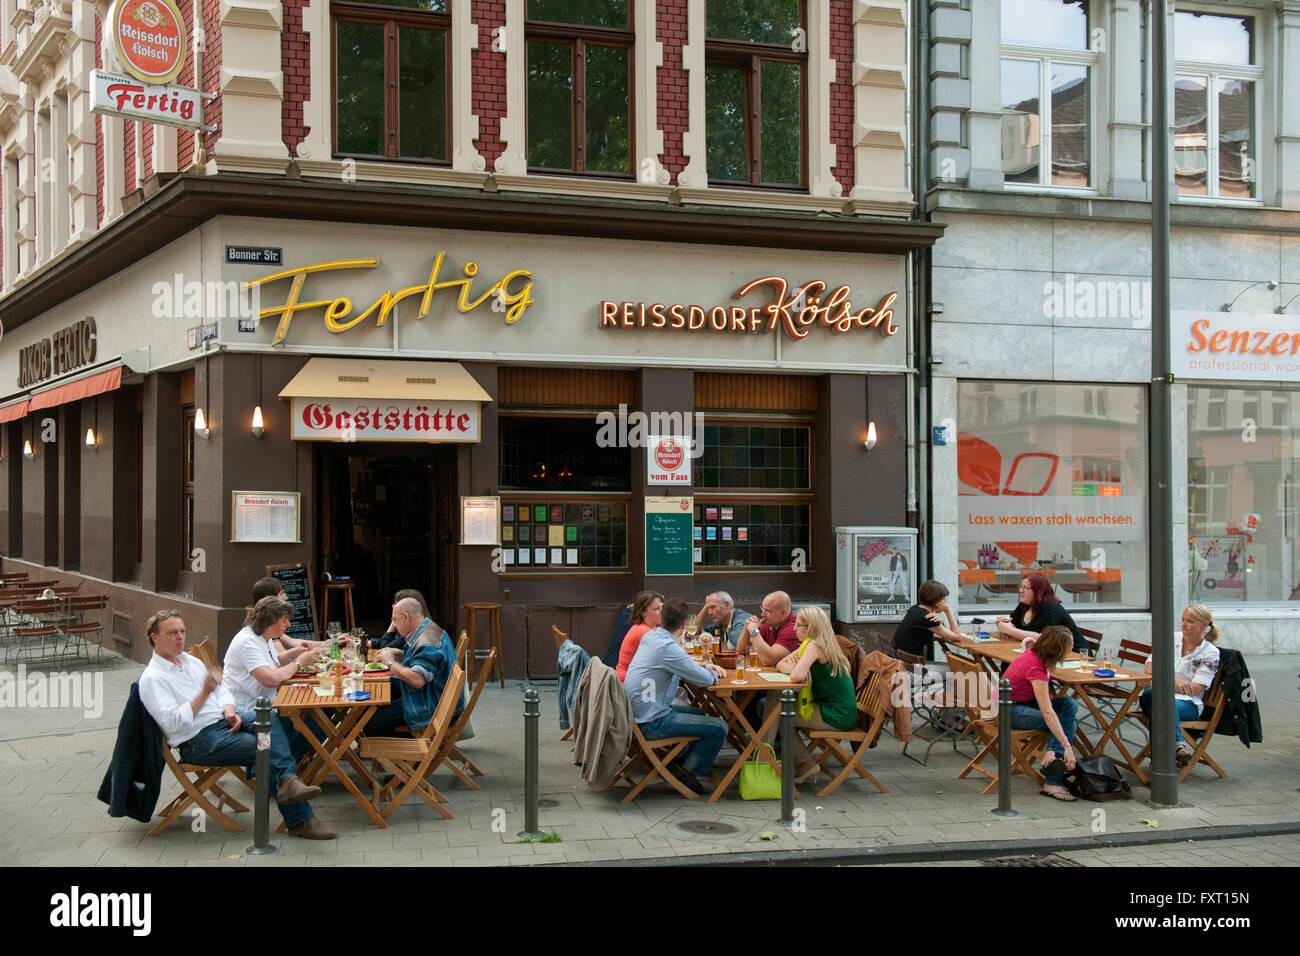 Kln Sdstadt Bonner Strasse 26 Restaurant Fertig Stock